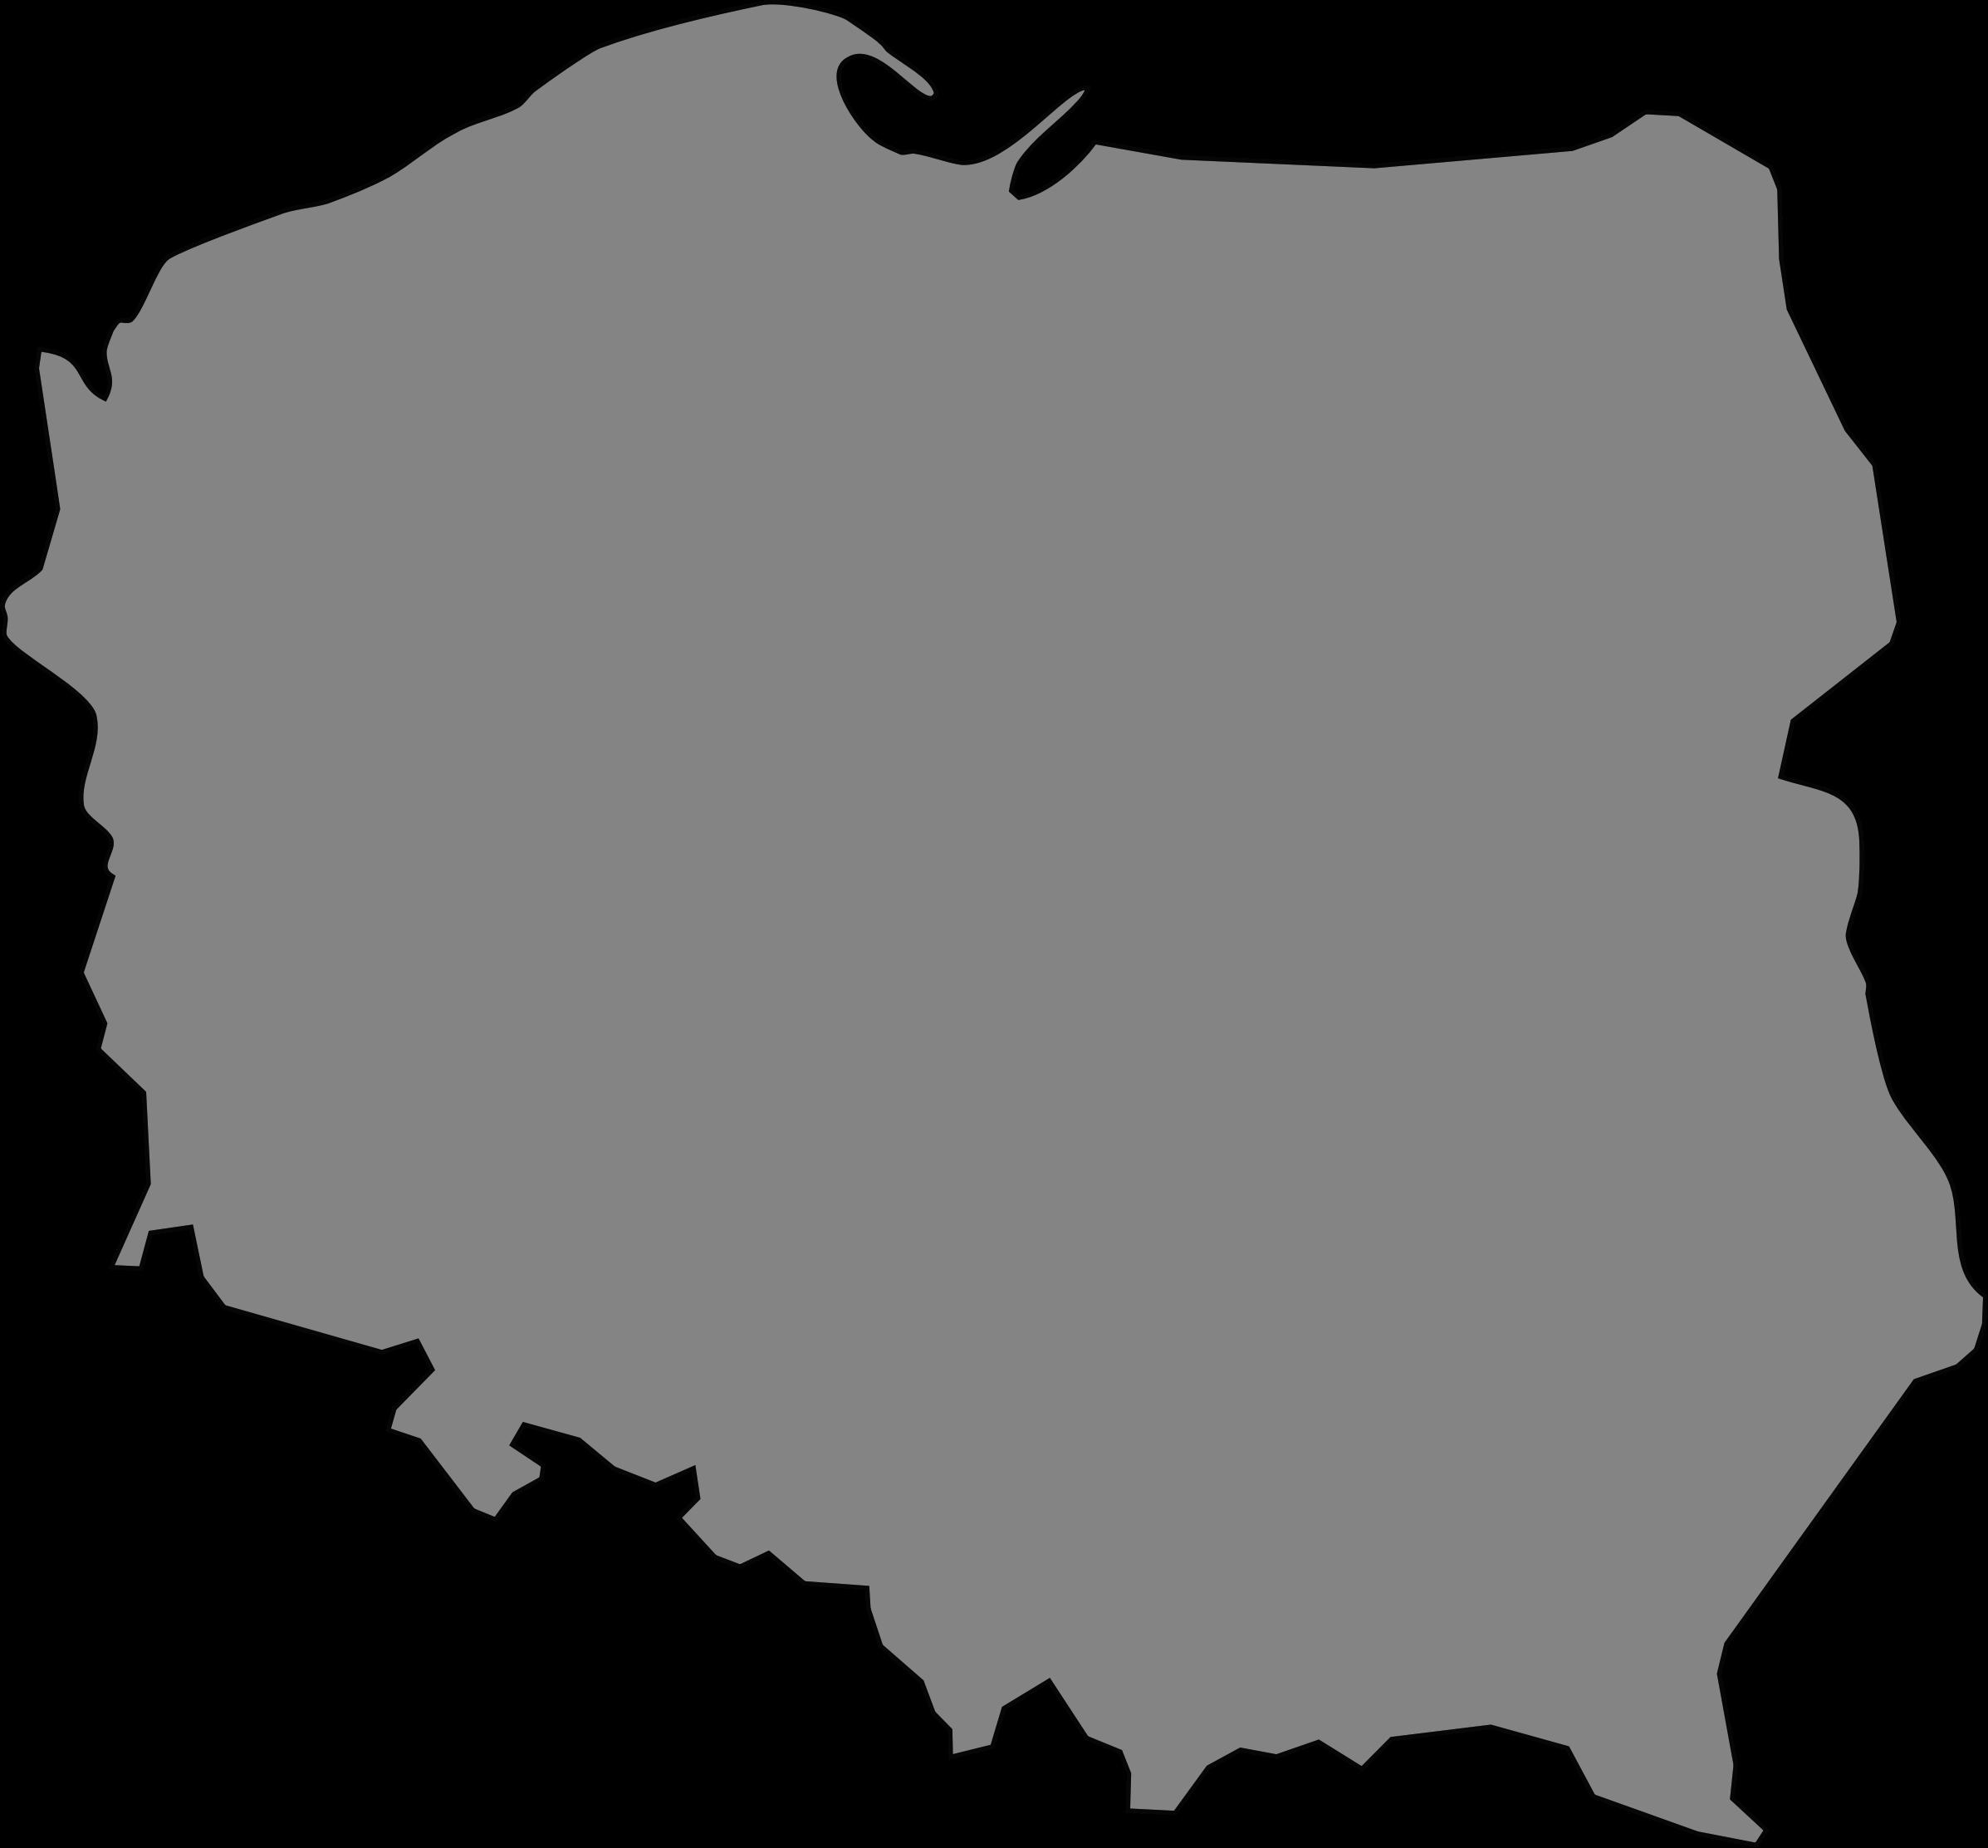 BIG IMAGE (PNG) - Poland PNG